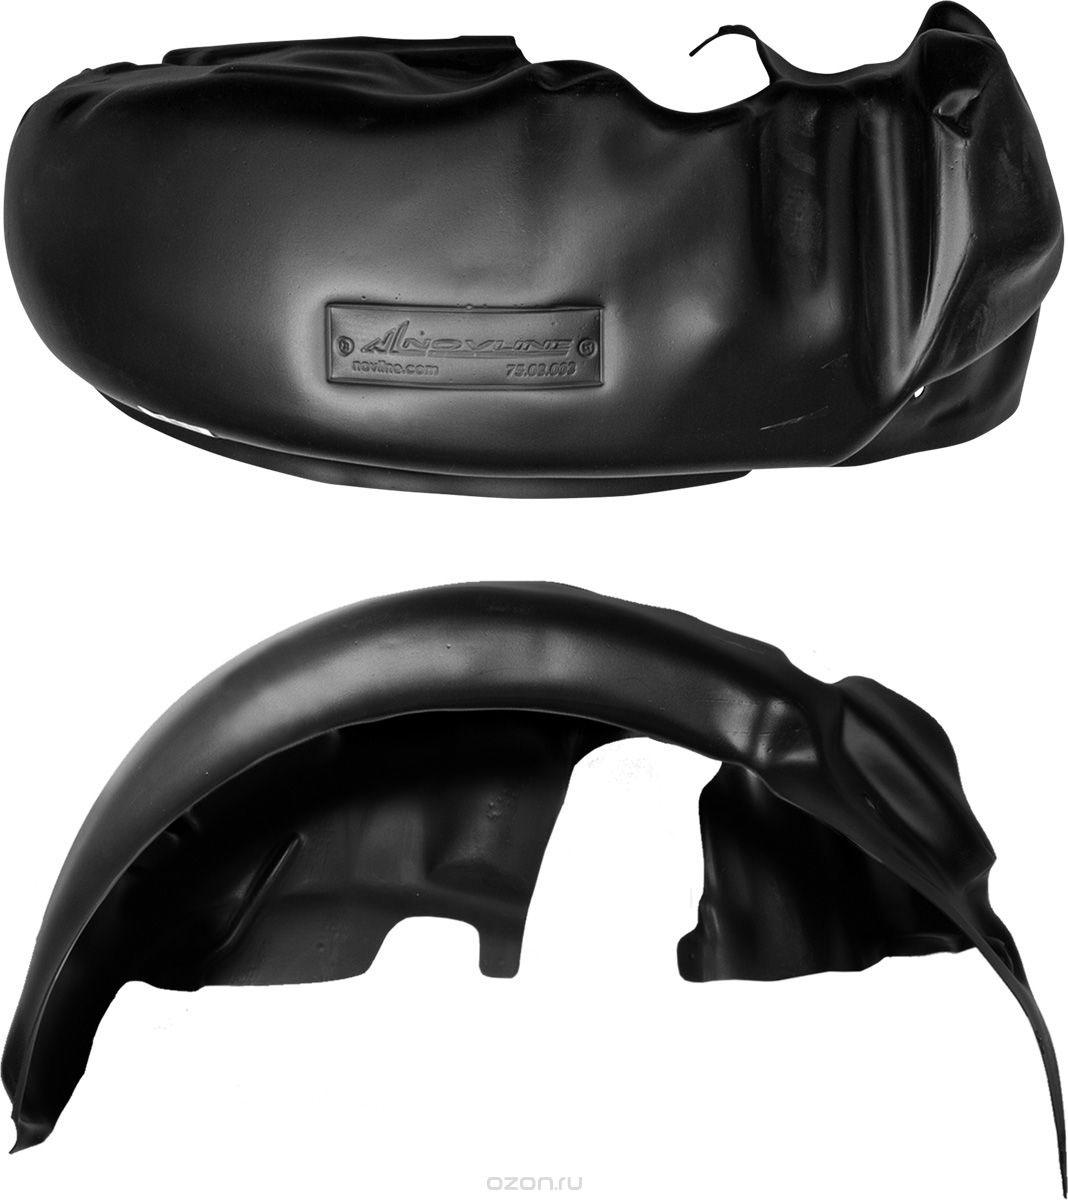 Подкрылок Novline-Autofamily, для Mitsubishi L200, 2014-2015 с расширителями арок, задний правыйNLL.35.28.004Идеальная защита колесной ниши. Локеры разработаны с применением цифровых технологий, гарантируют максимальную повторяемость поверхности арки. Изделия устанавливаются без нарушения лакокрасочного покрытия автомобиля, каждый подкрылок комплектуется крепежом. Уважаемые клиенты, обращаем ваше внимание, что фотографии на подкрылки универсальные и не отражают реальную форму изделия. При этом само изделие идет точно под размер указанного автомобиля.